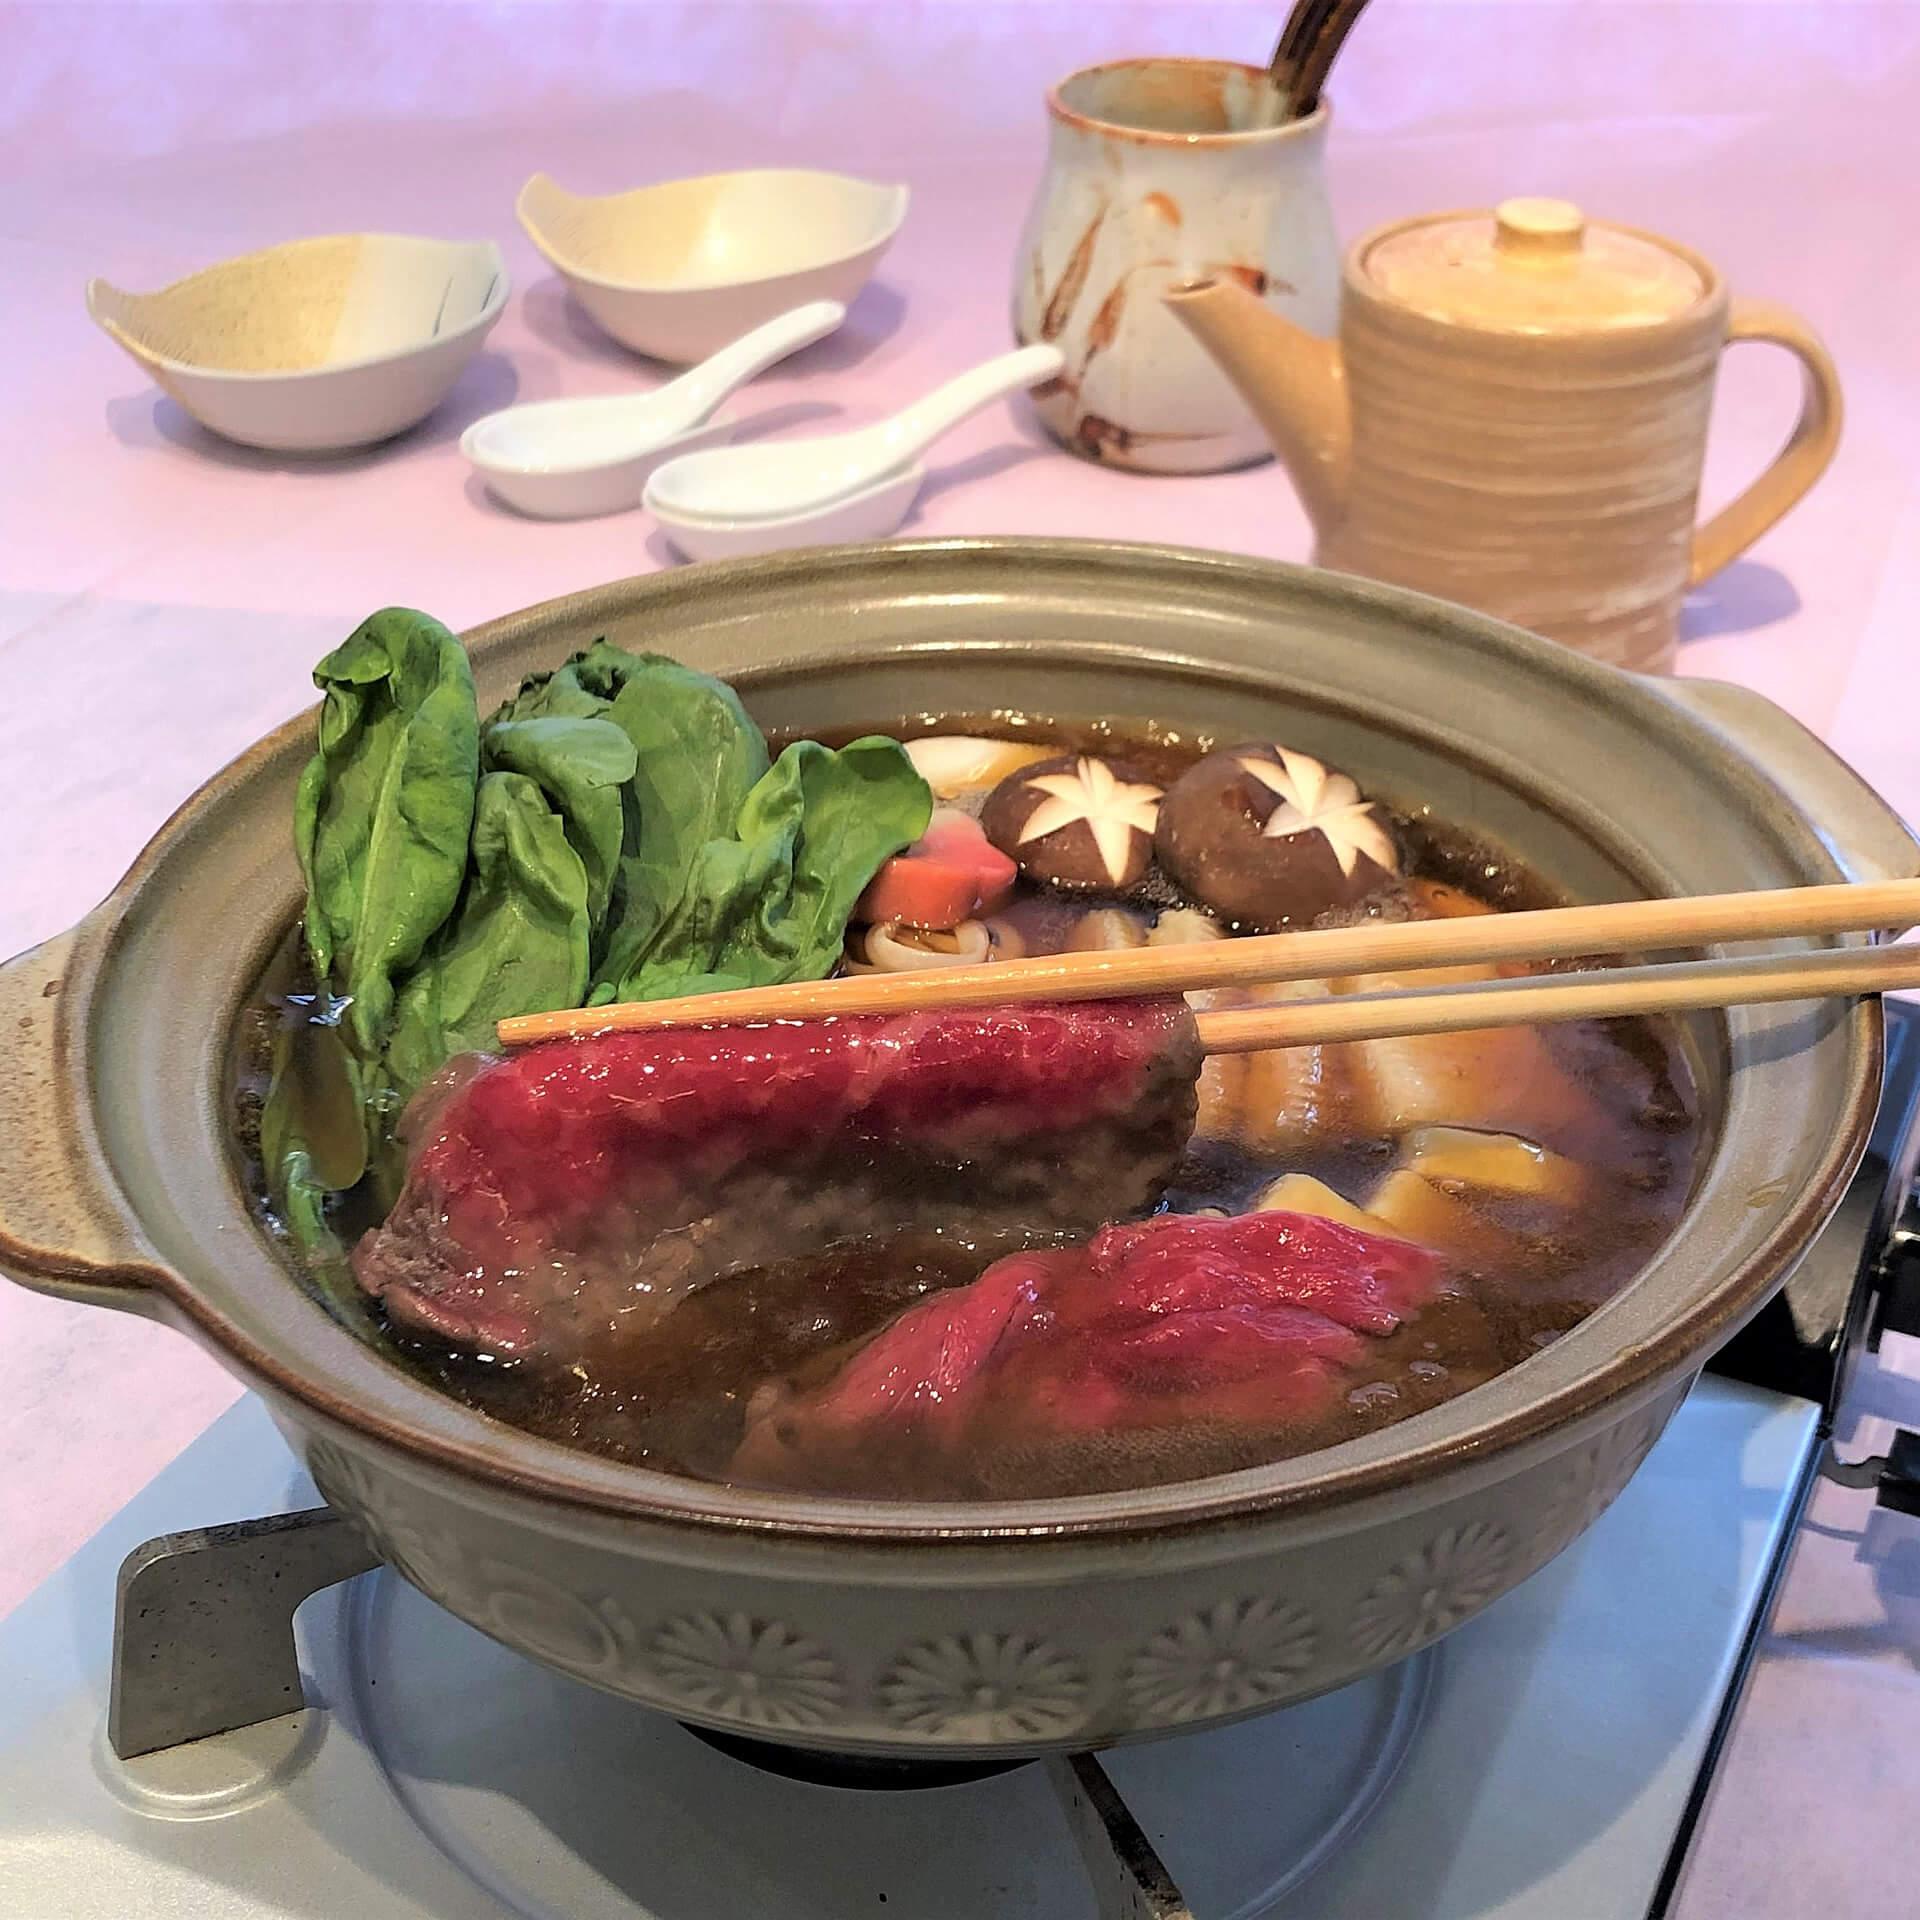 ホテル⾦沢謹製◆⽯川県がほこるブランド⽜「能登⽜」を贅沢に使⽤した治部煮鍋セット